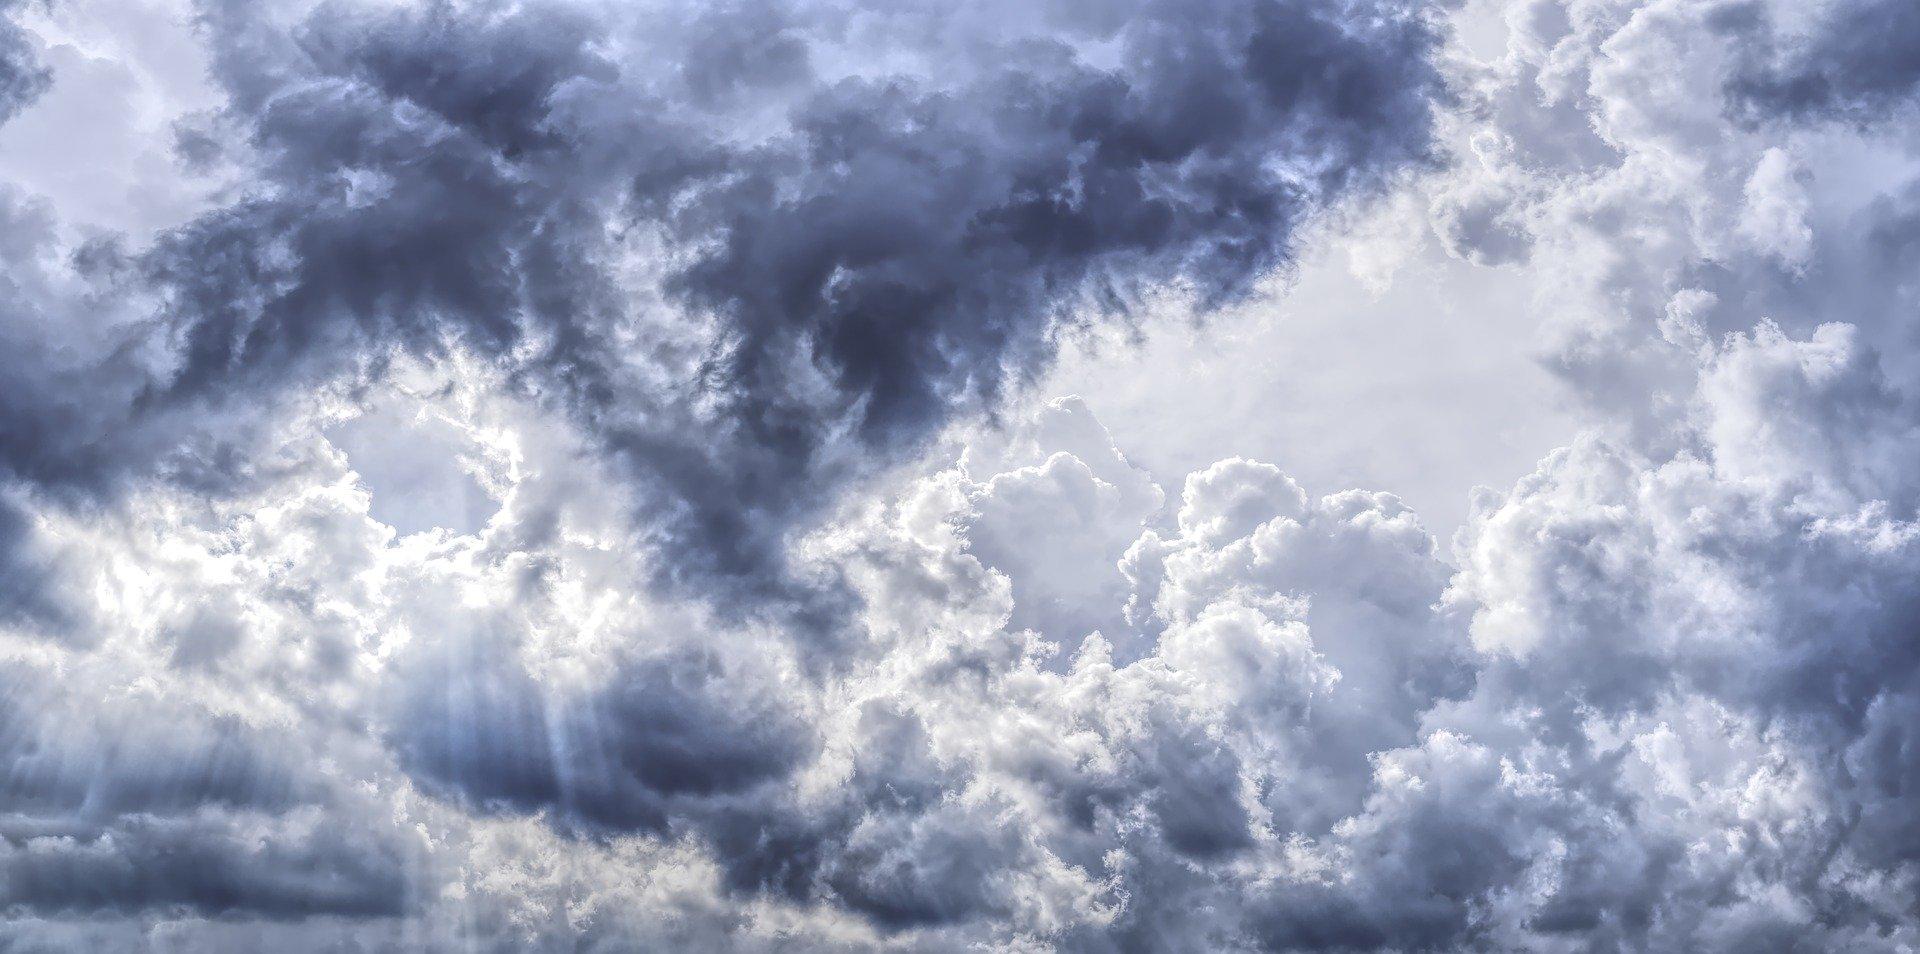 Ciclone mediterraneo sul Sud Italia: previsti temporali e forti venti